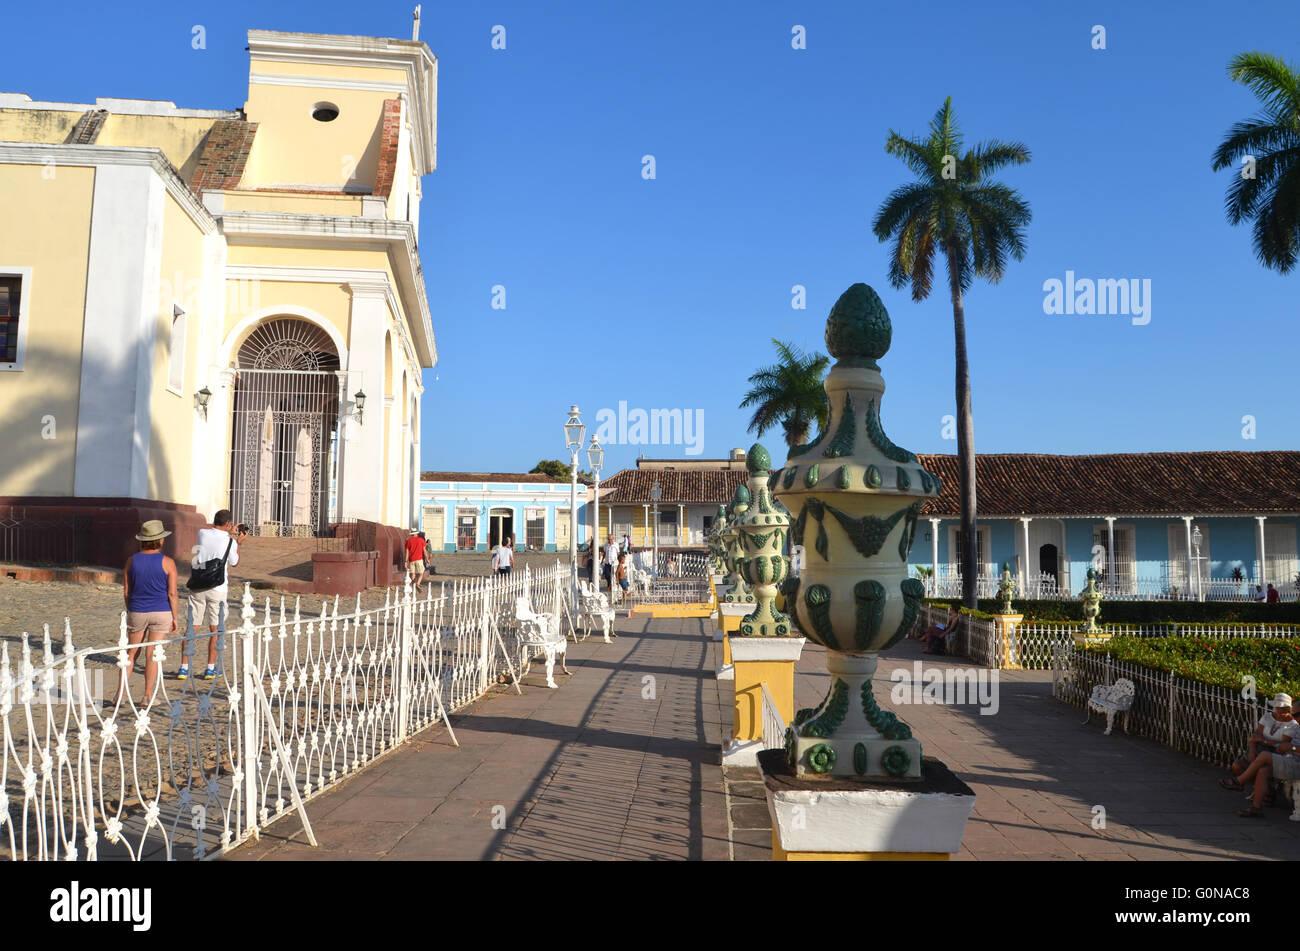 La iglesia de la santísima Trinidad, Trinidad, Cuba 2016 Imagen De Stock